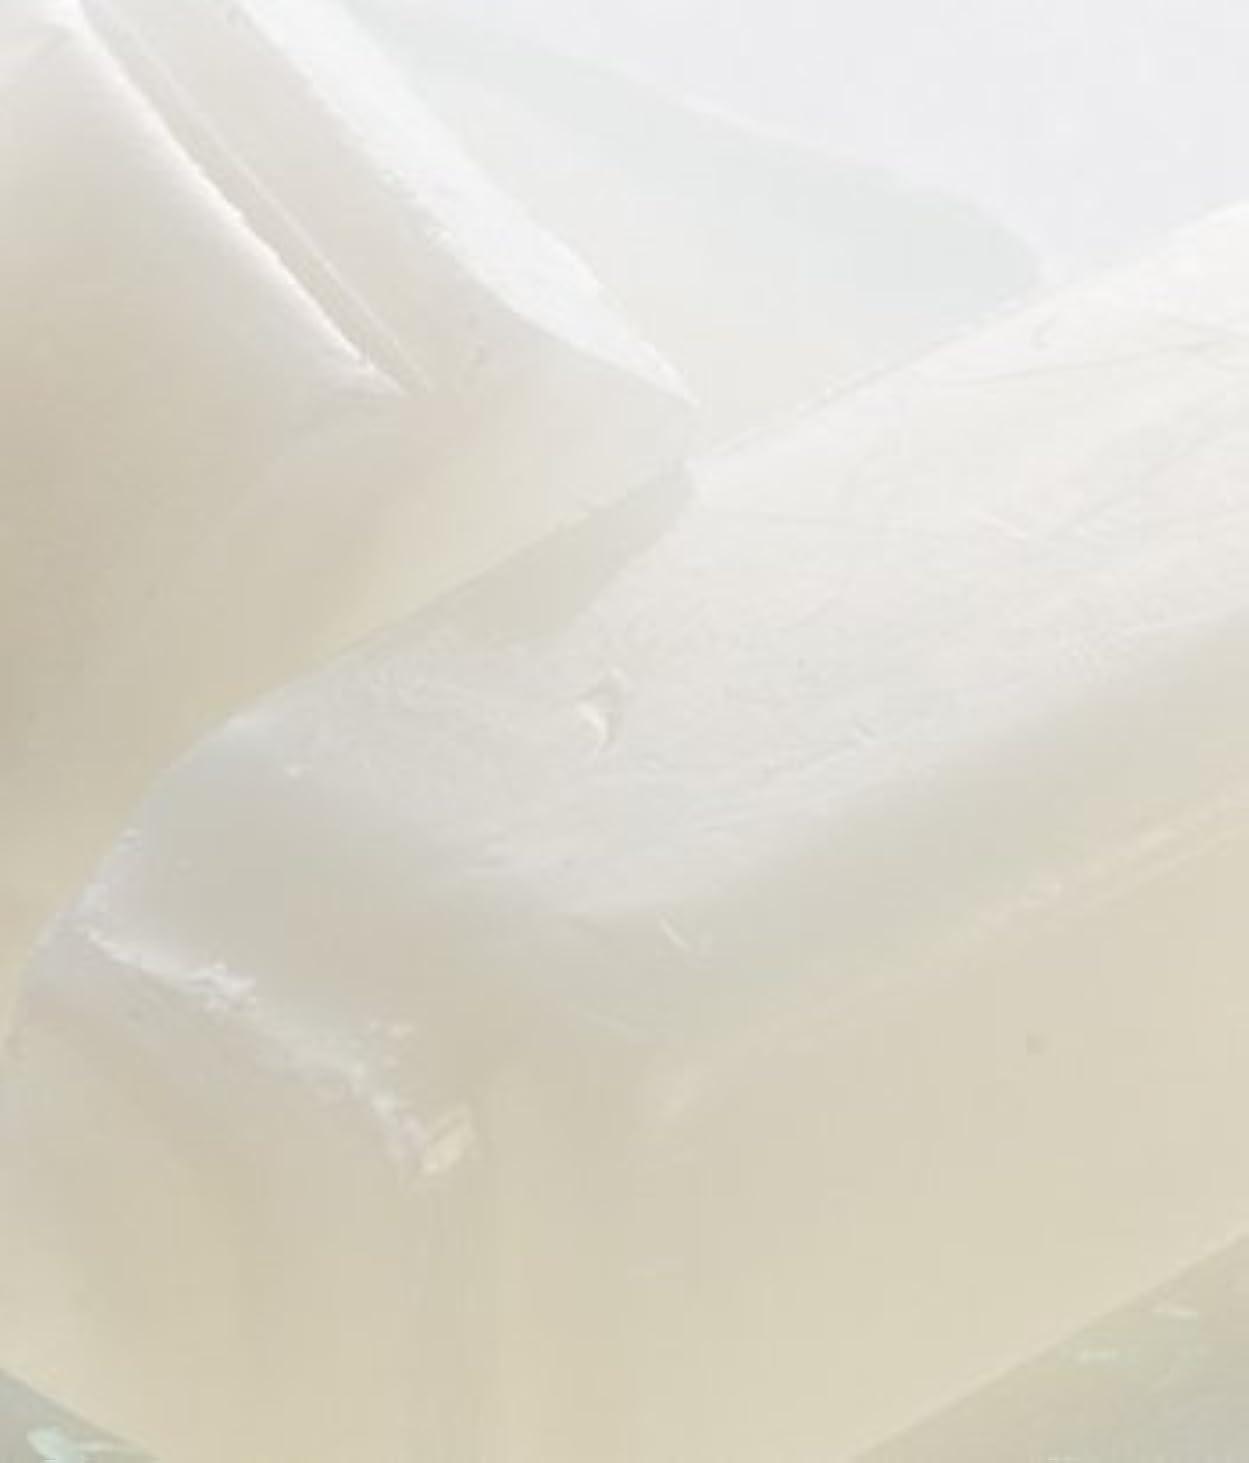 美徳無心本質的にM&Pグリセリンソープベース?ホワイト/1kg